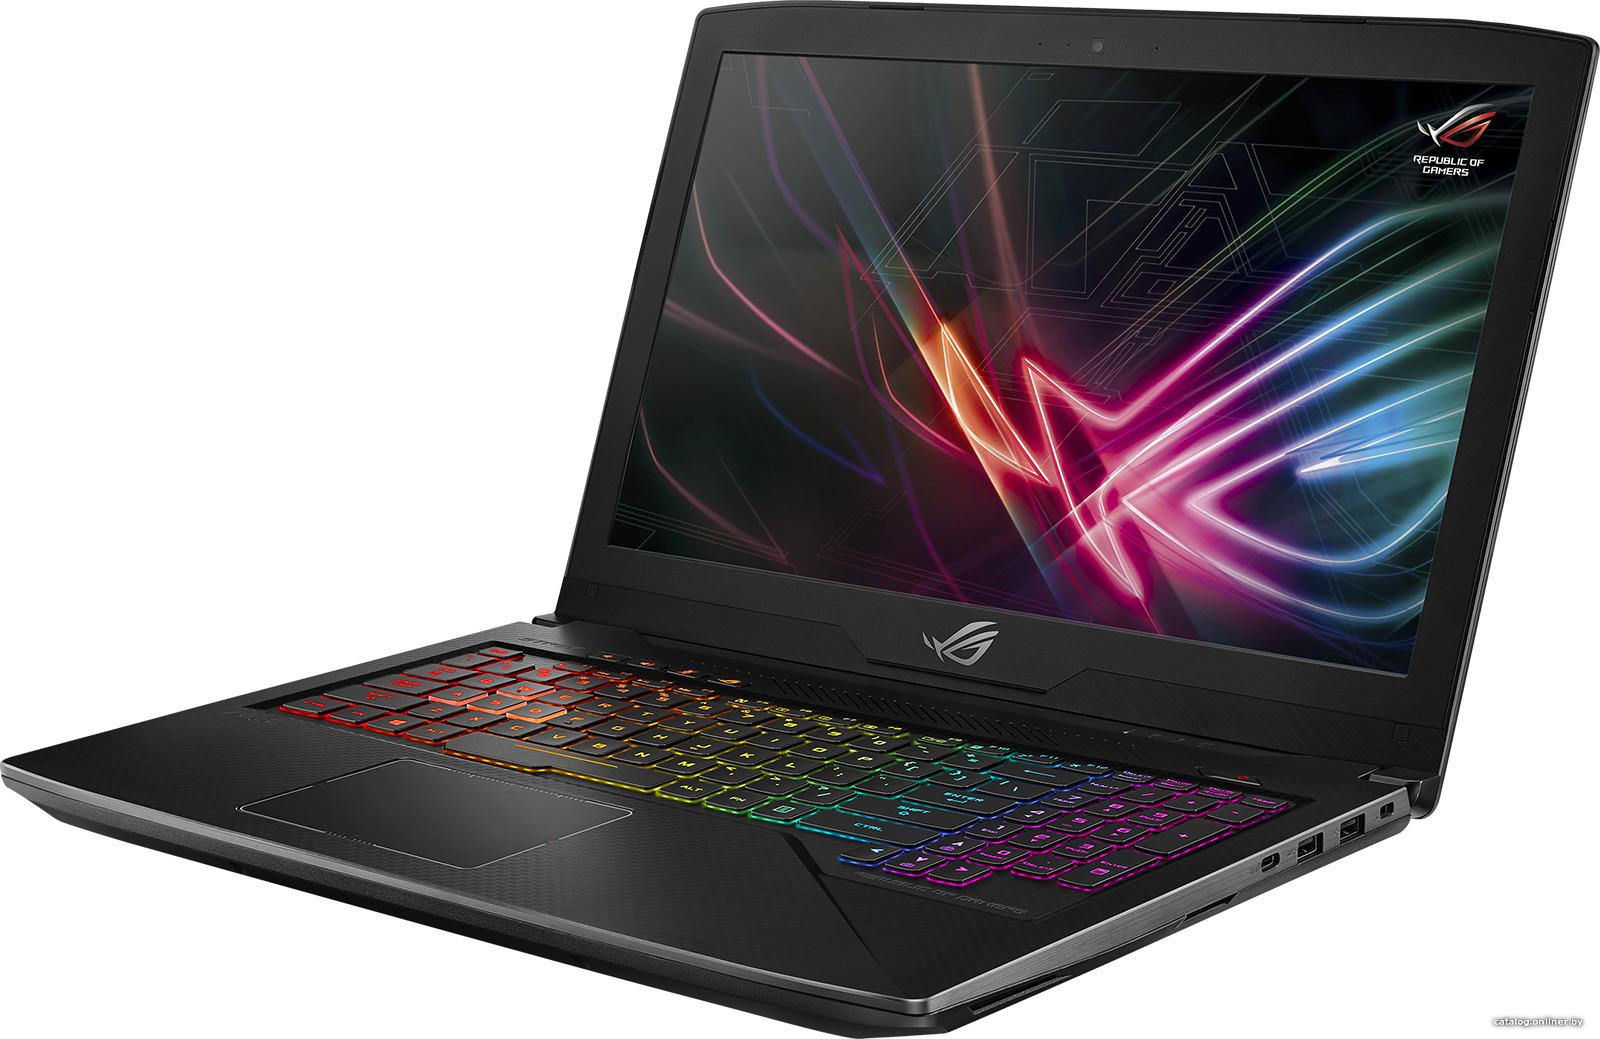 15.6 Игровой ноутбук ASUS ROG Strix SCAR GL503GE 90NR0081-M05050, серый металлик описание ноутбука asus